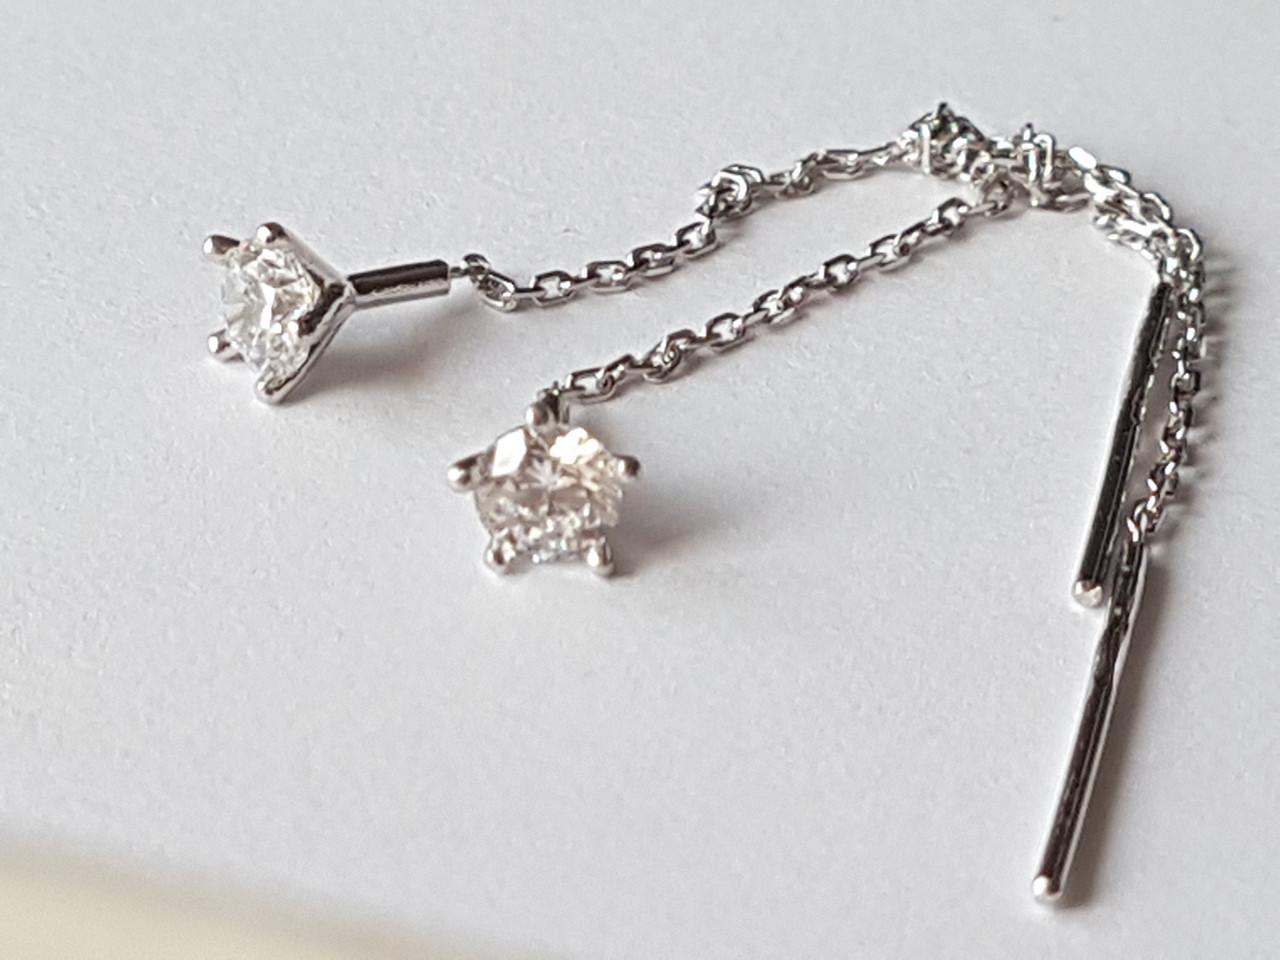 Срібні сережки-протяжки з фіанітами. Артикул 902-01056